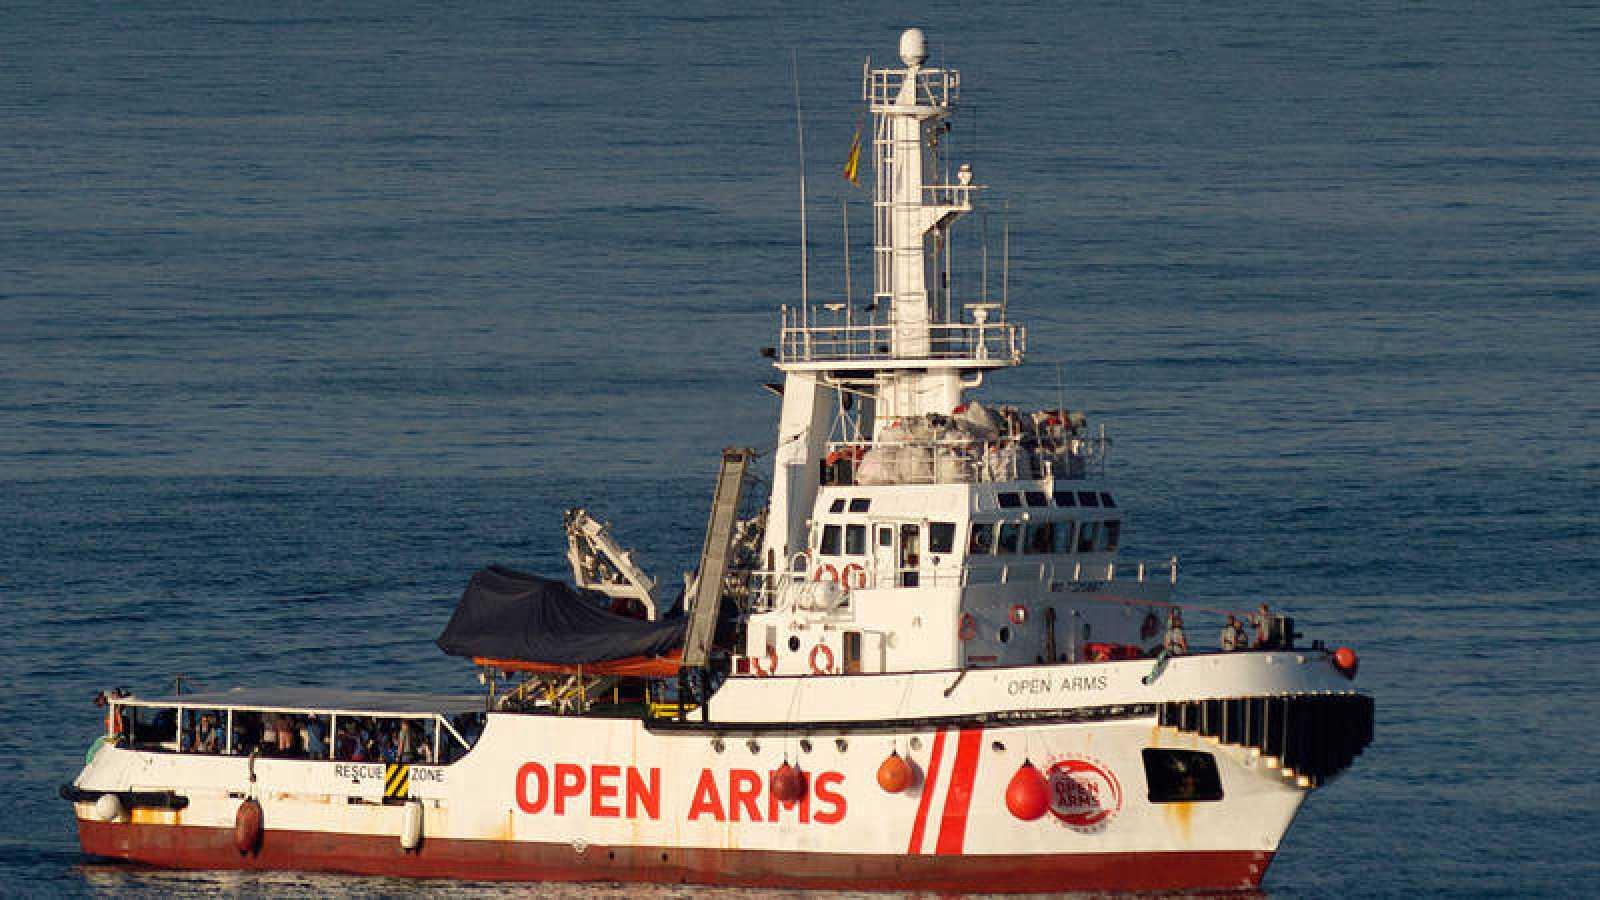 El buque Open Arms